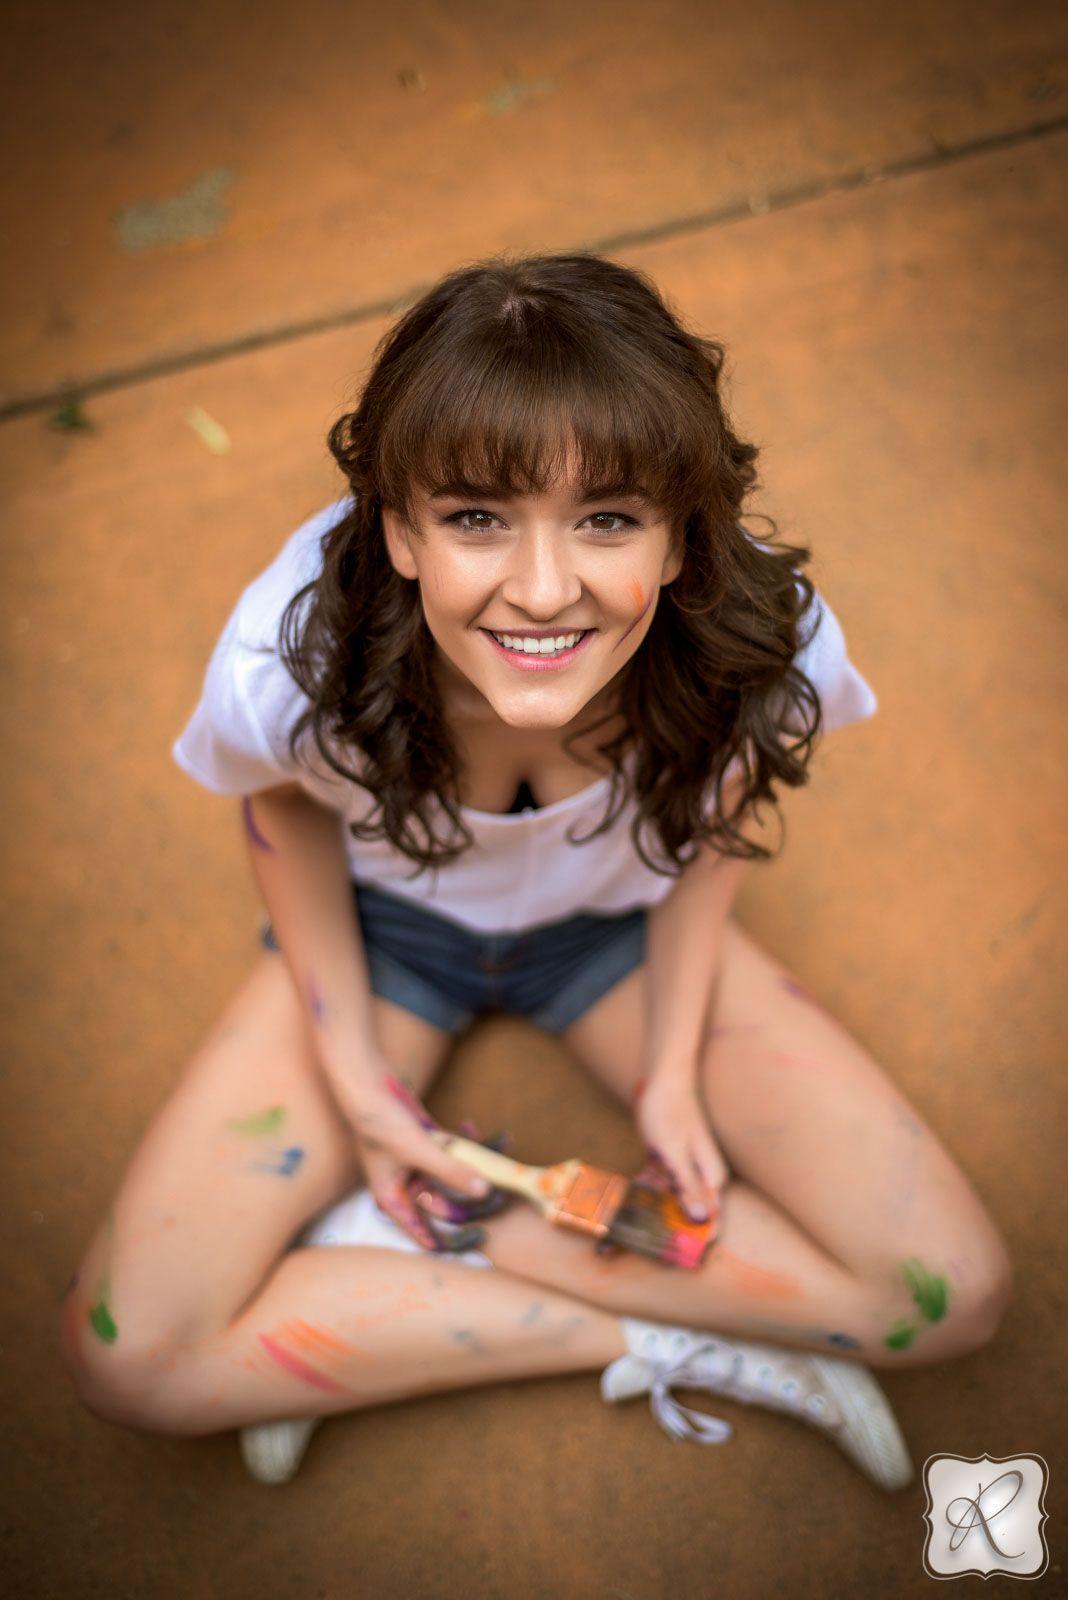 Tori Byam's Senior Pictures | ARP Senior Picture Props